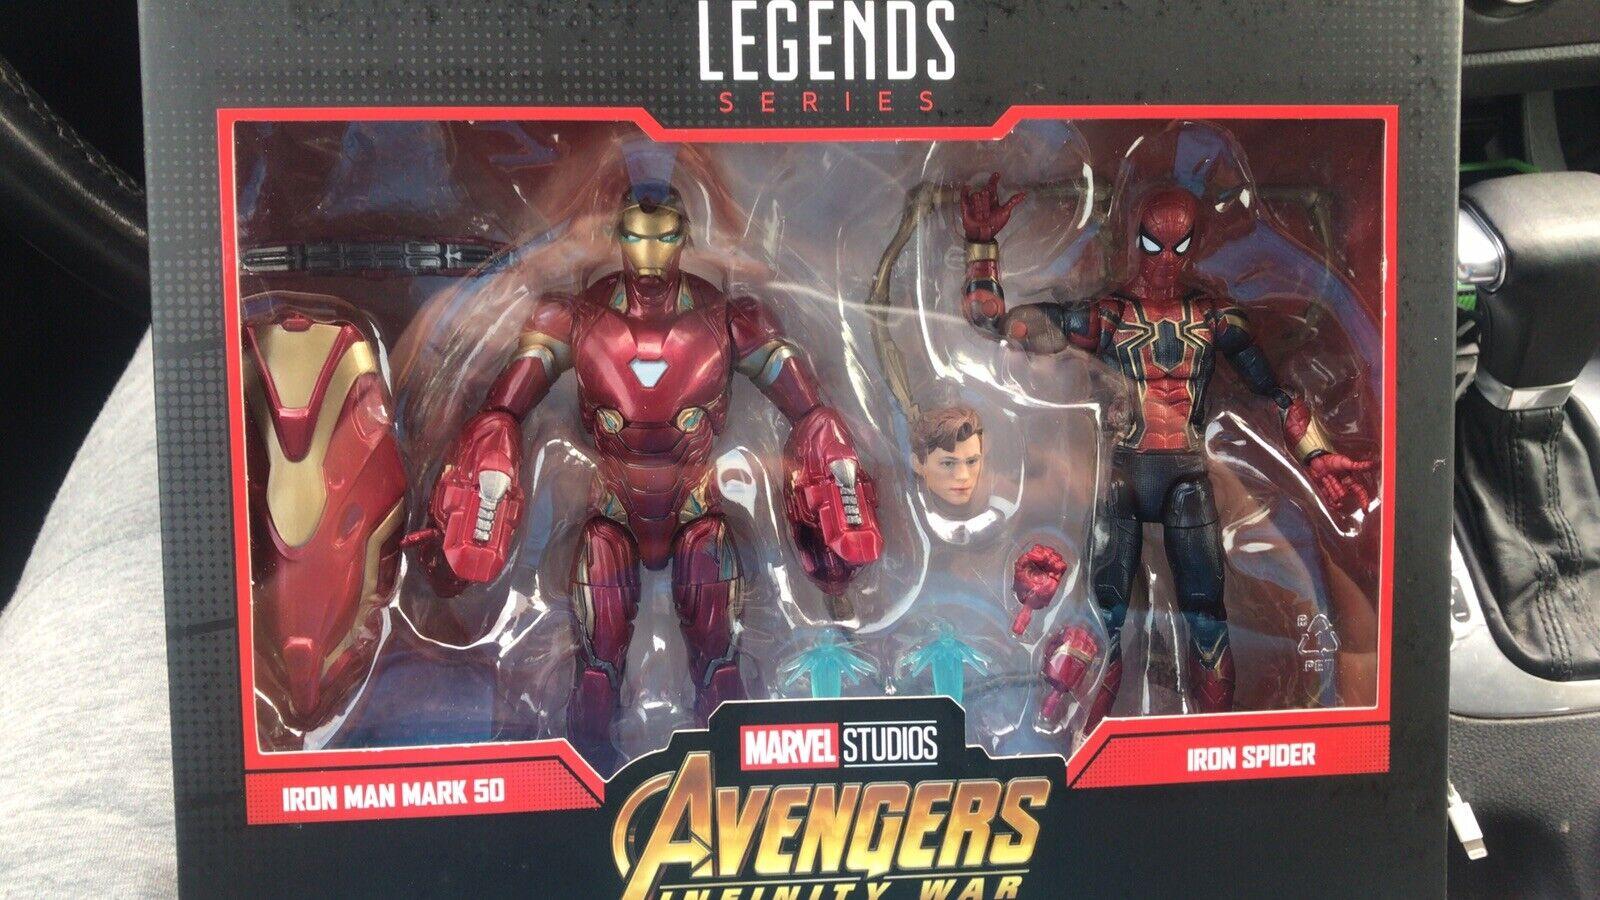 Marvel Leyendas Iron Spider Iron Man 80th aniversario Infinity 2 Paquete de Destino de guerra